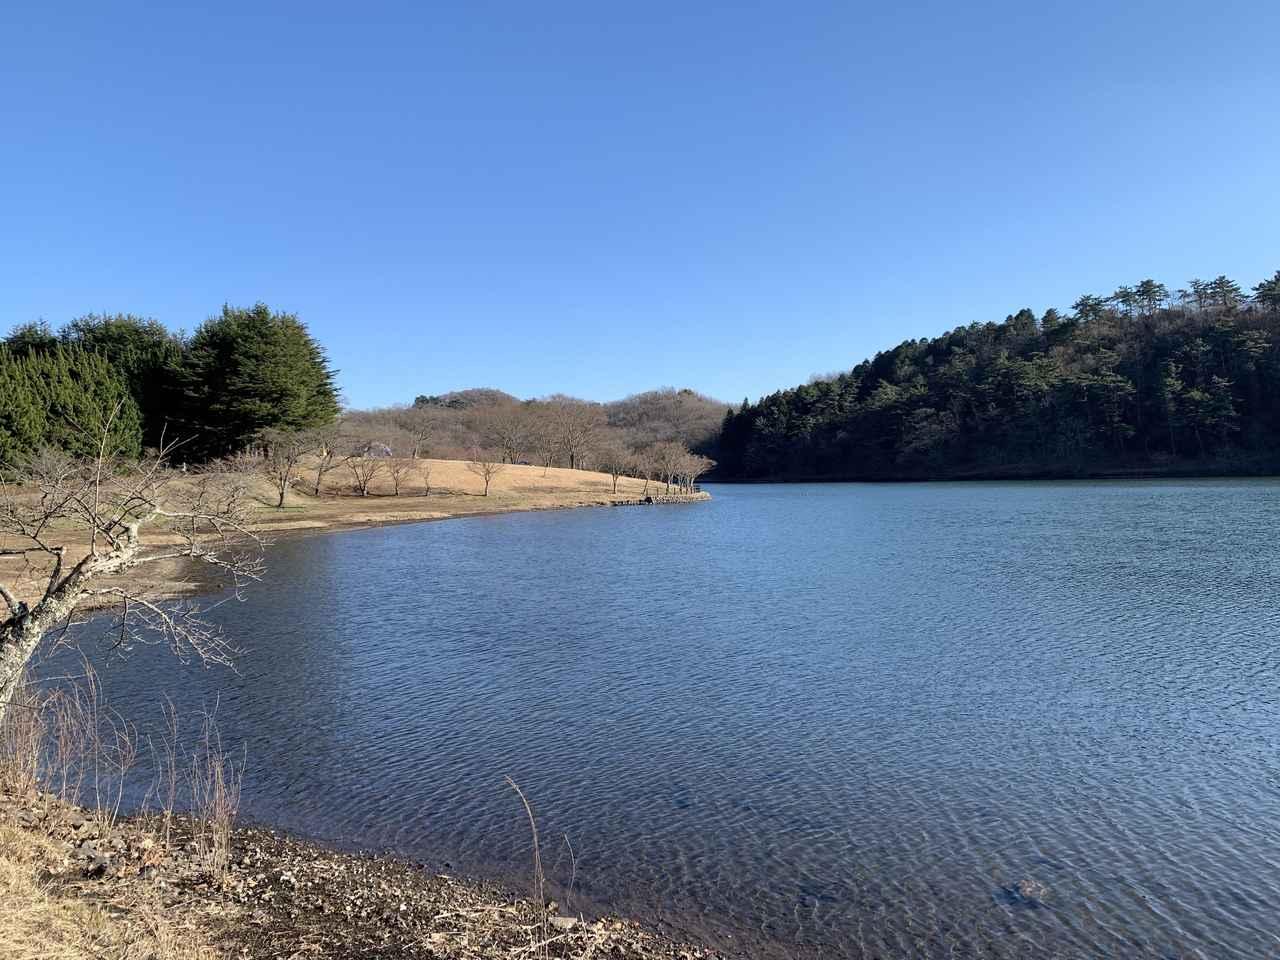 画像: 別府観光したら志高湖キャンプ場へ行こう! アクセスもしやすく、設備充実しているのに安くておすすめ